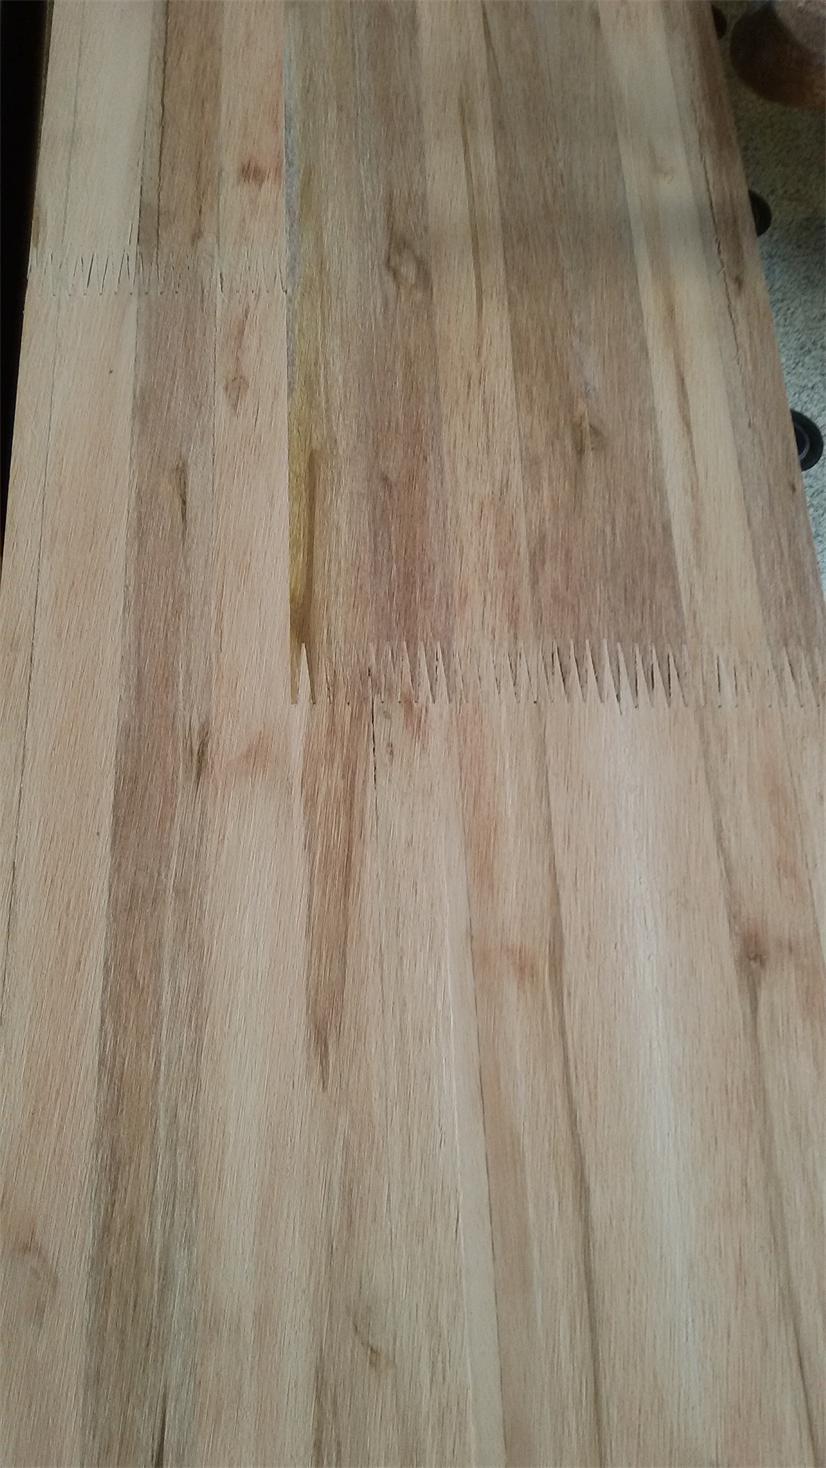 桉木指接板/集成材